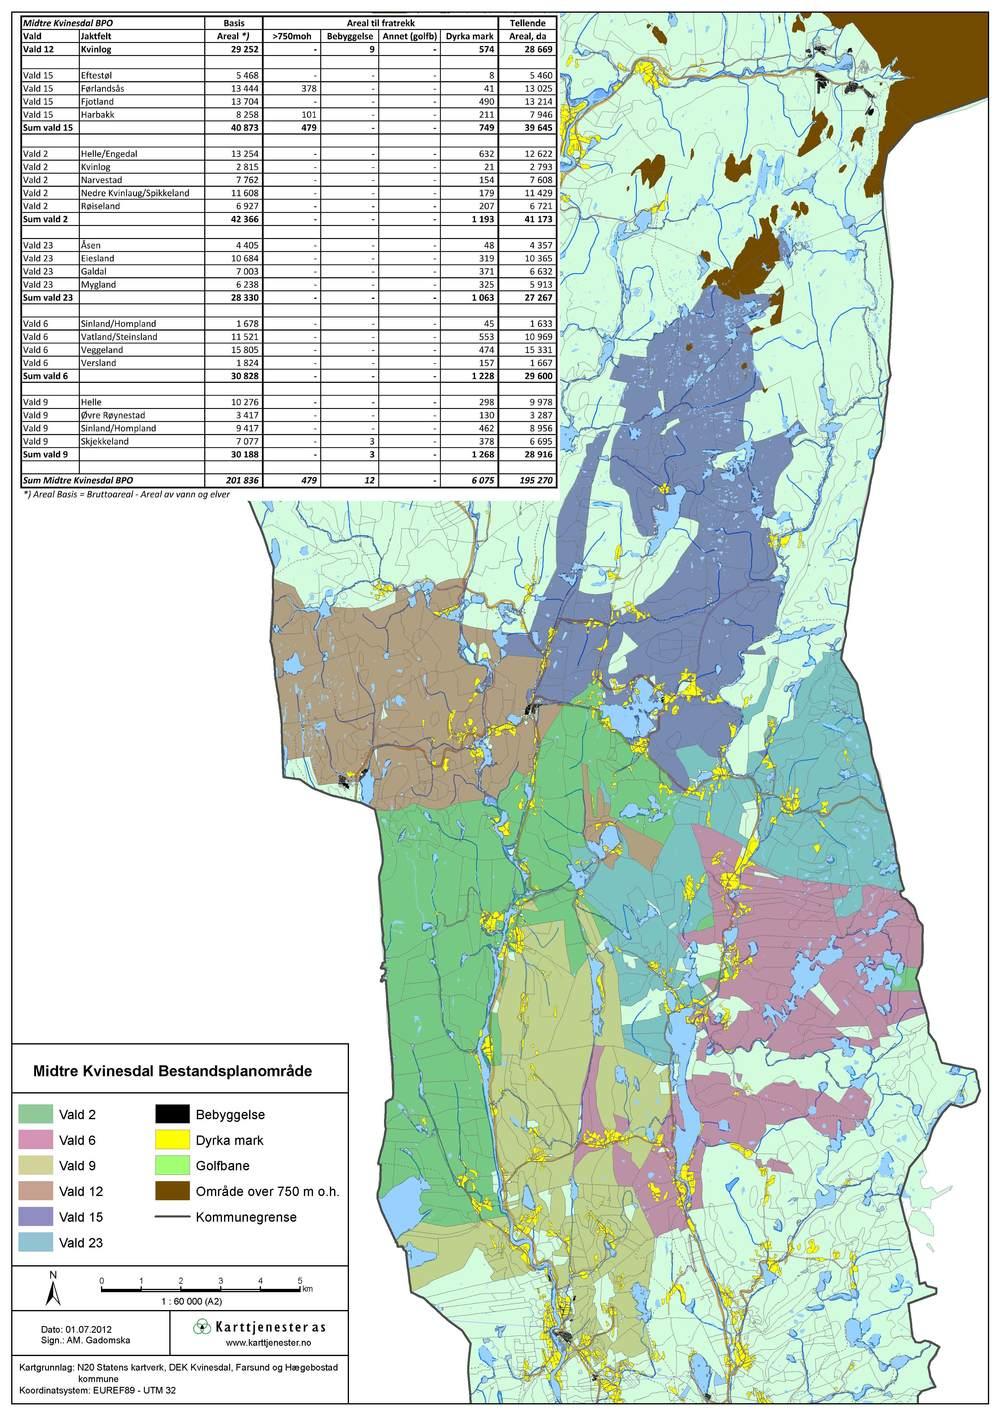 Temakart - Valdoversikt for bestandsplanområde, Kvinesdal kommune